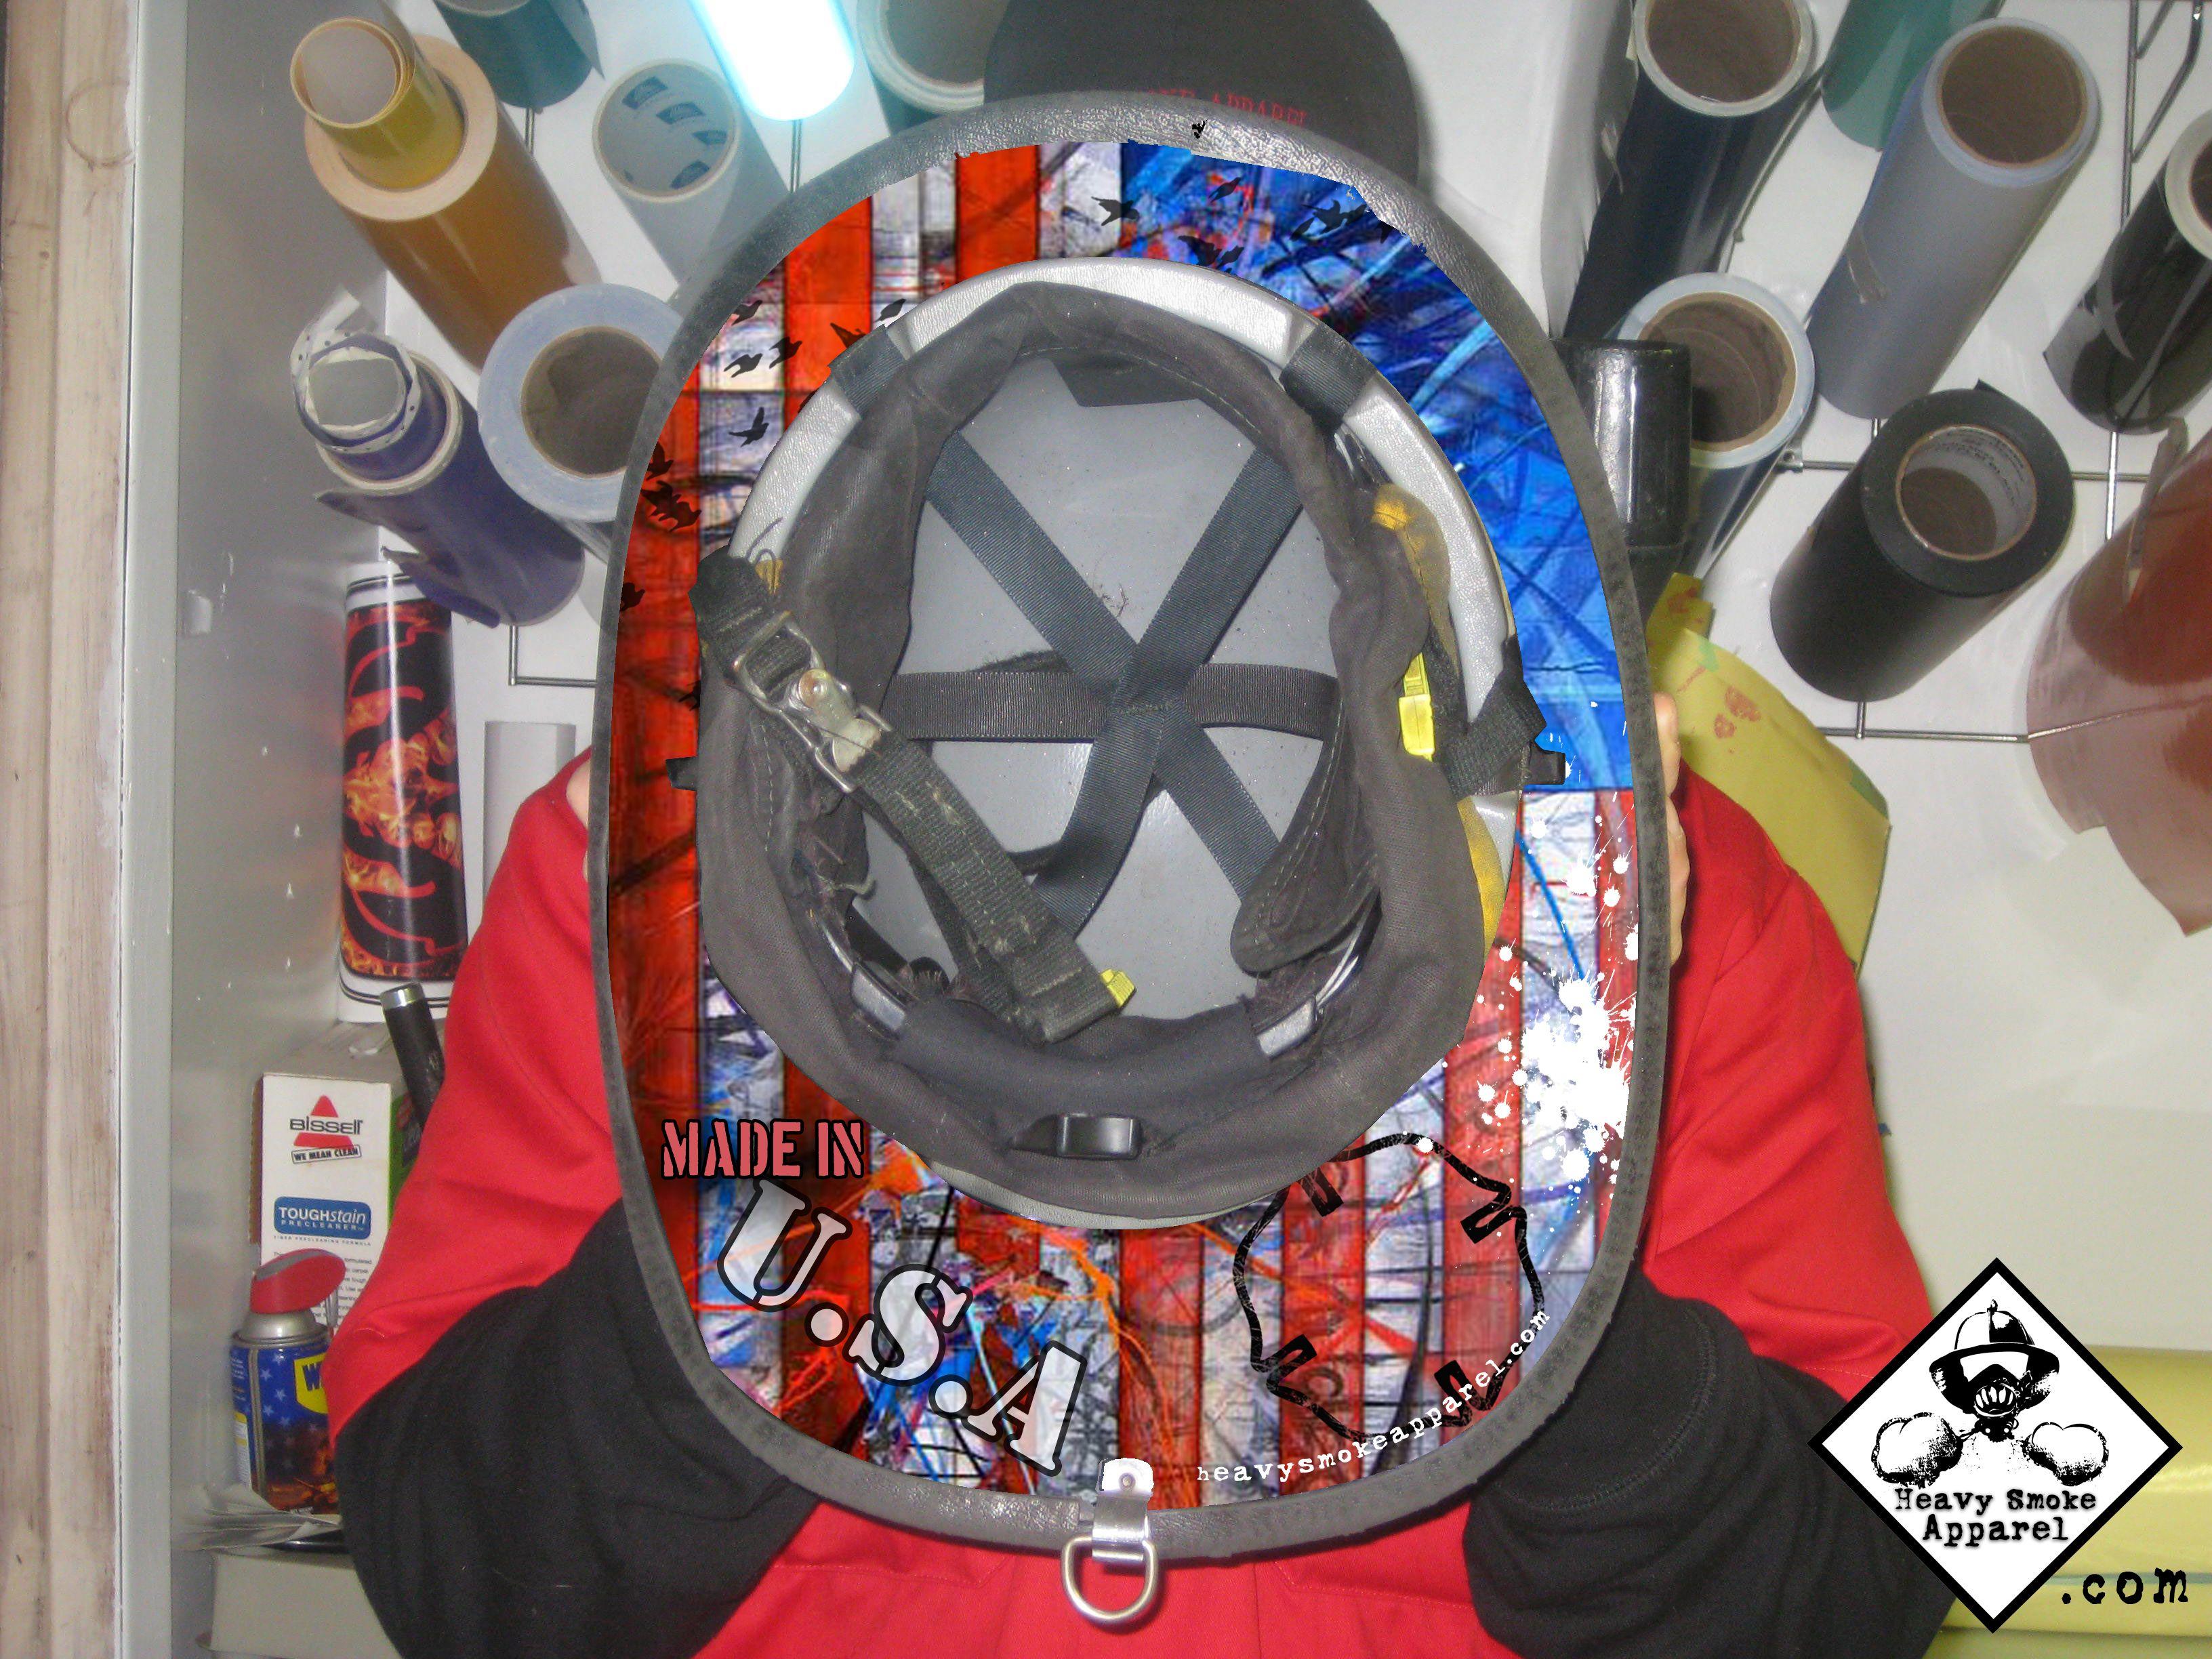 Under Helmet Decal Firefighter Decor Pinterest Firefighter - Fire helmet decals